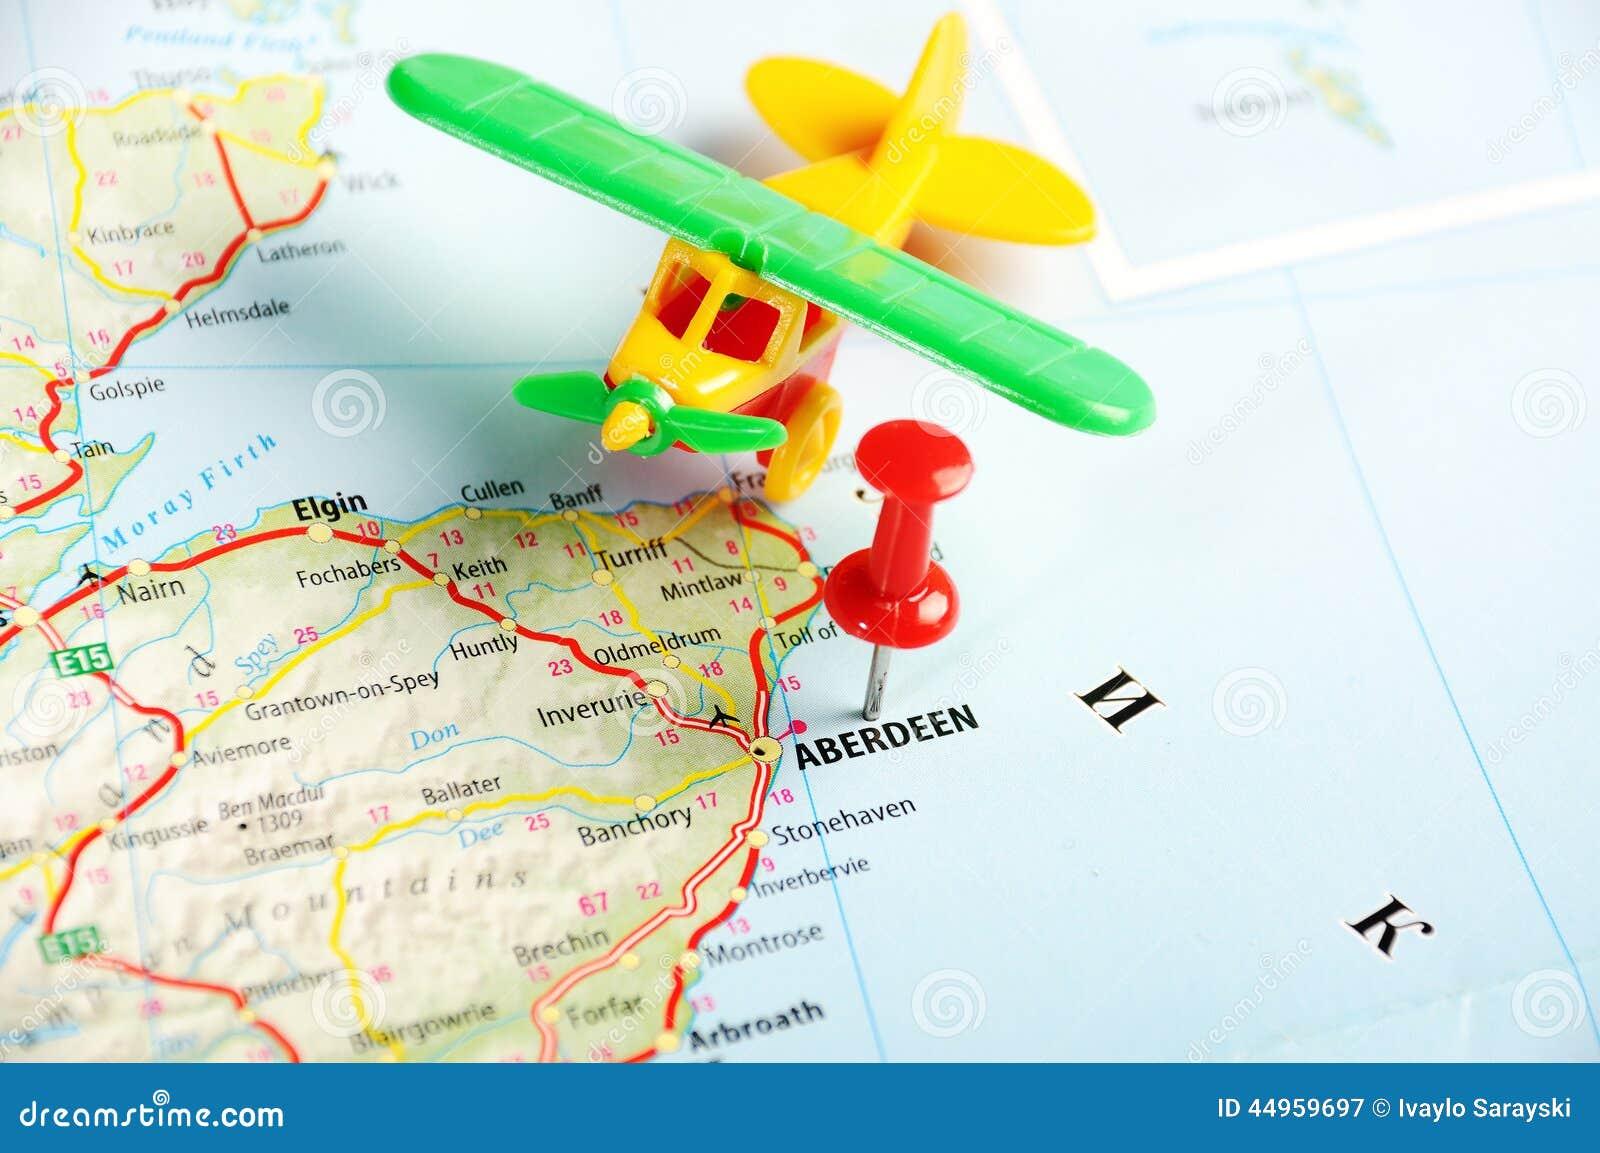 阿伯丁苏格兰,英国地图和飞机-旅行概念.图片